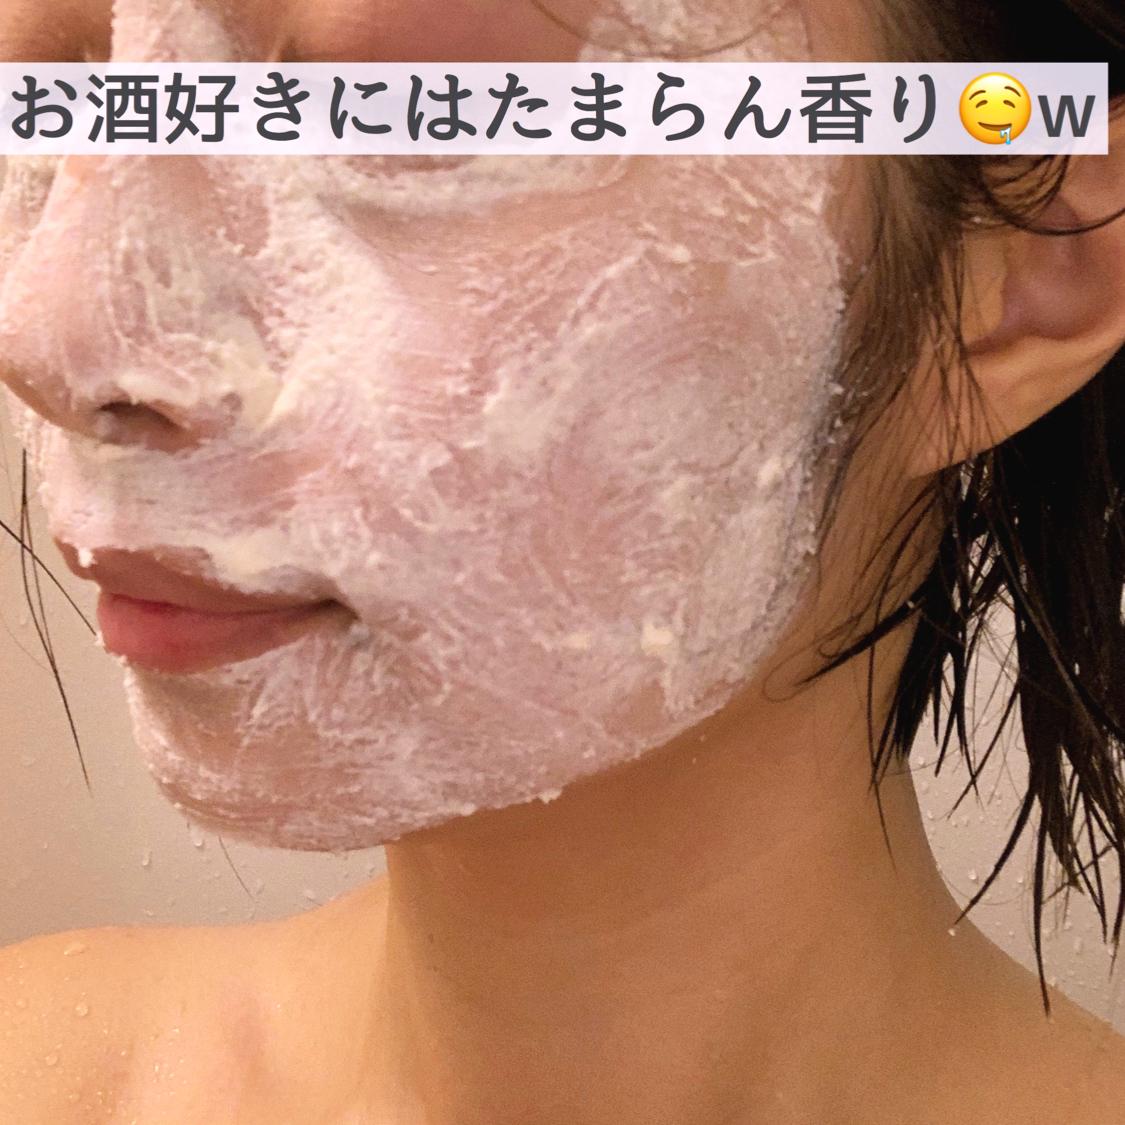 ポーラ ワフードメイド 酒粕パック 170g 日本製 5個お得セット(洗い流すマスク・パック)を使ったクチコミ(2枚目)